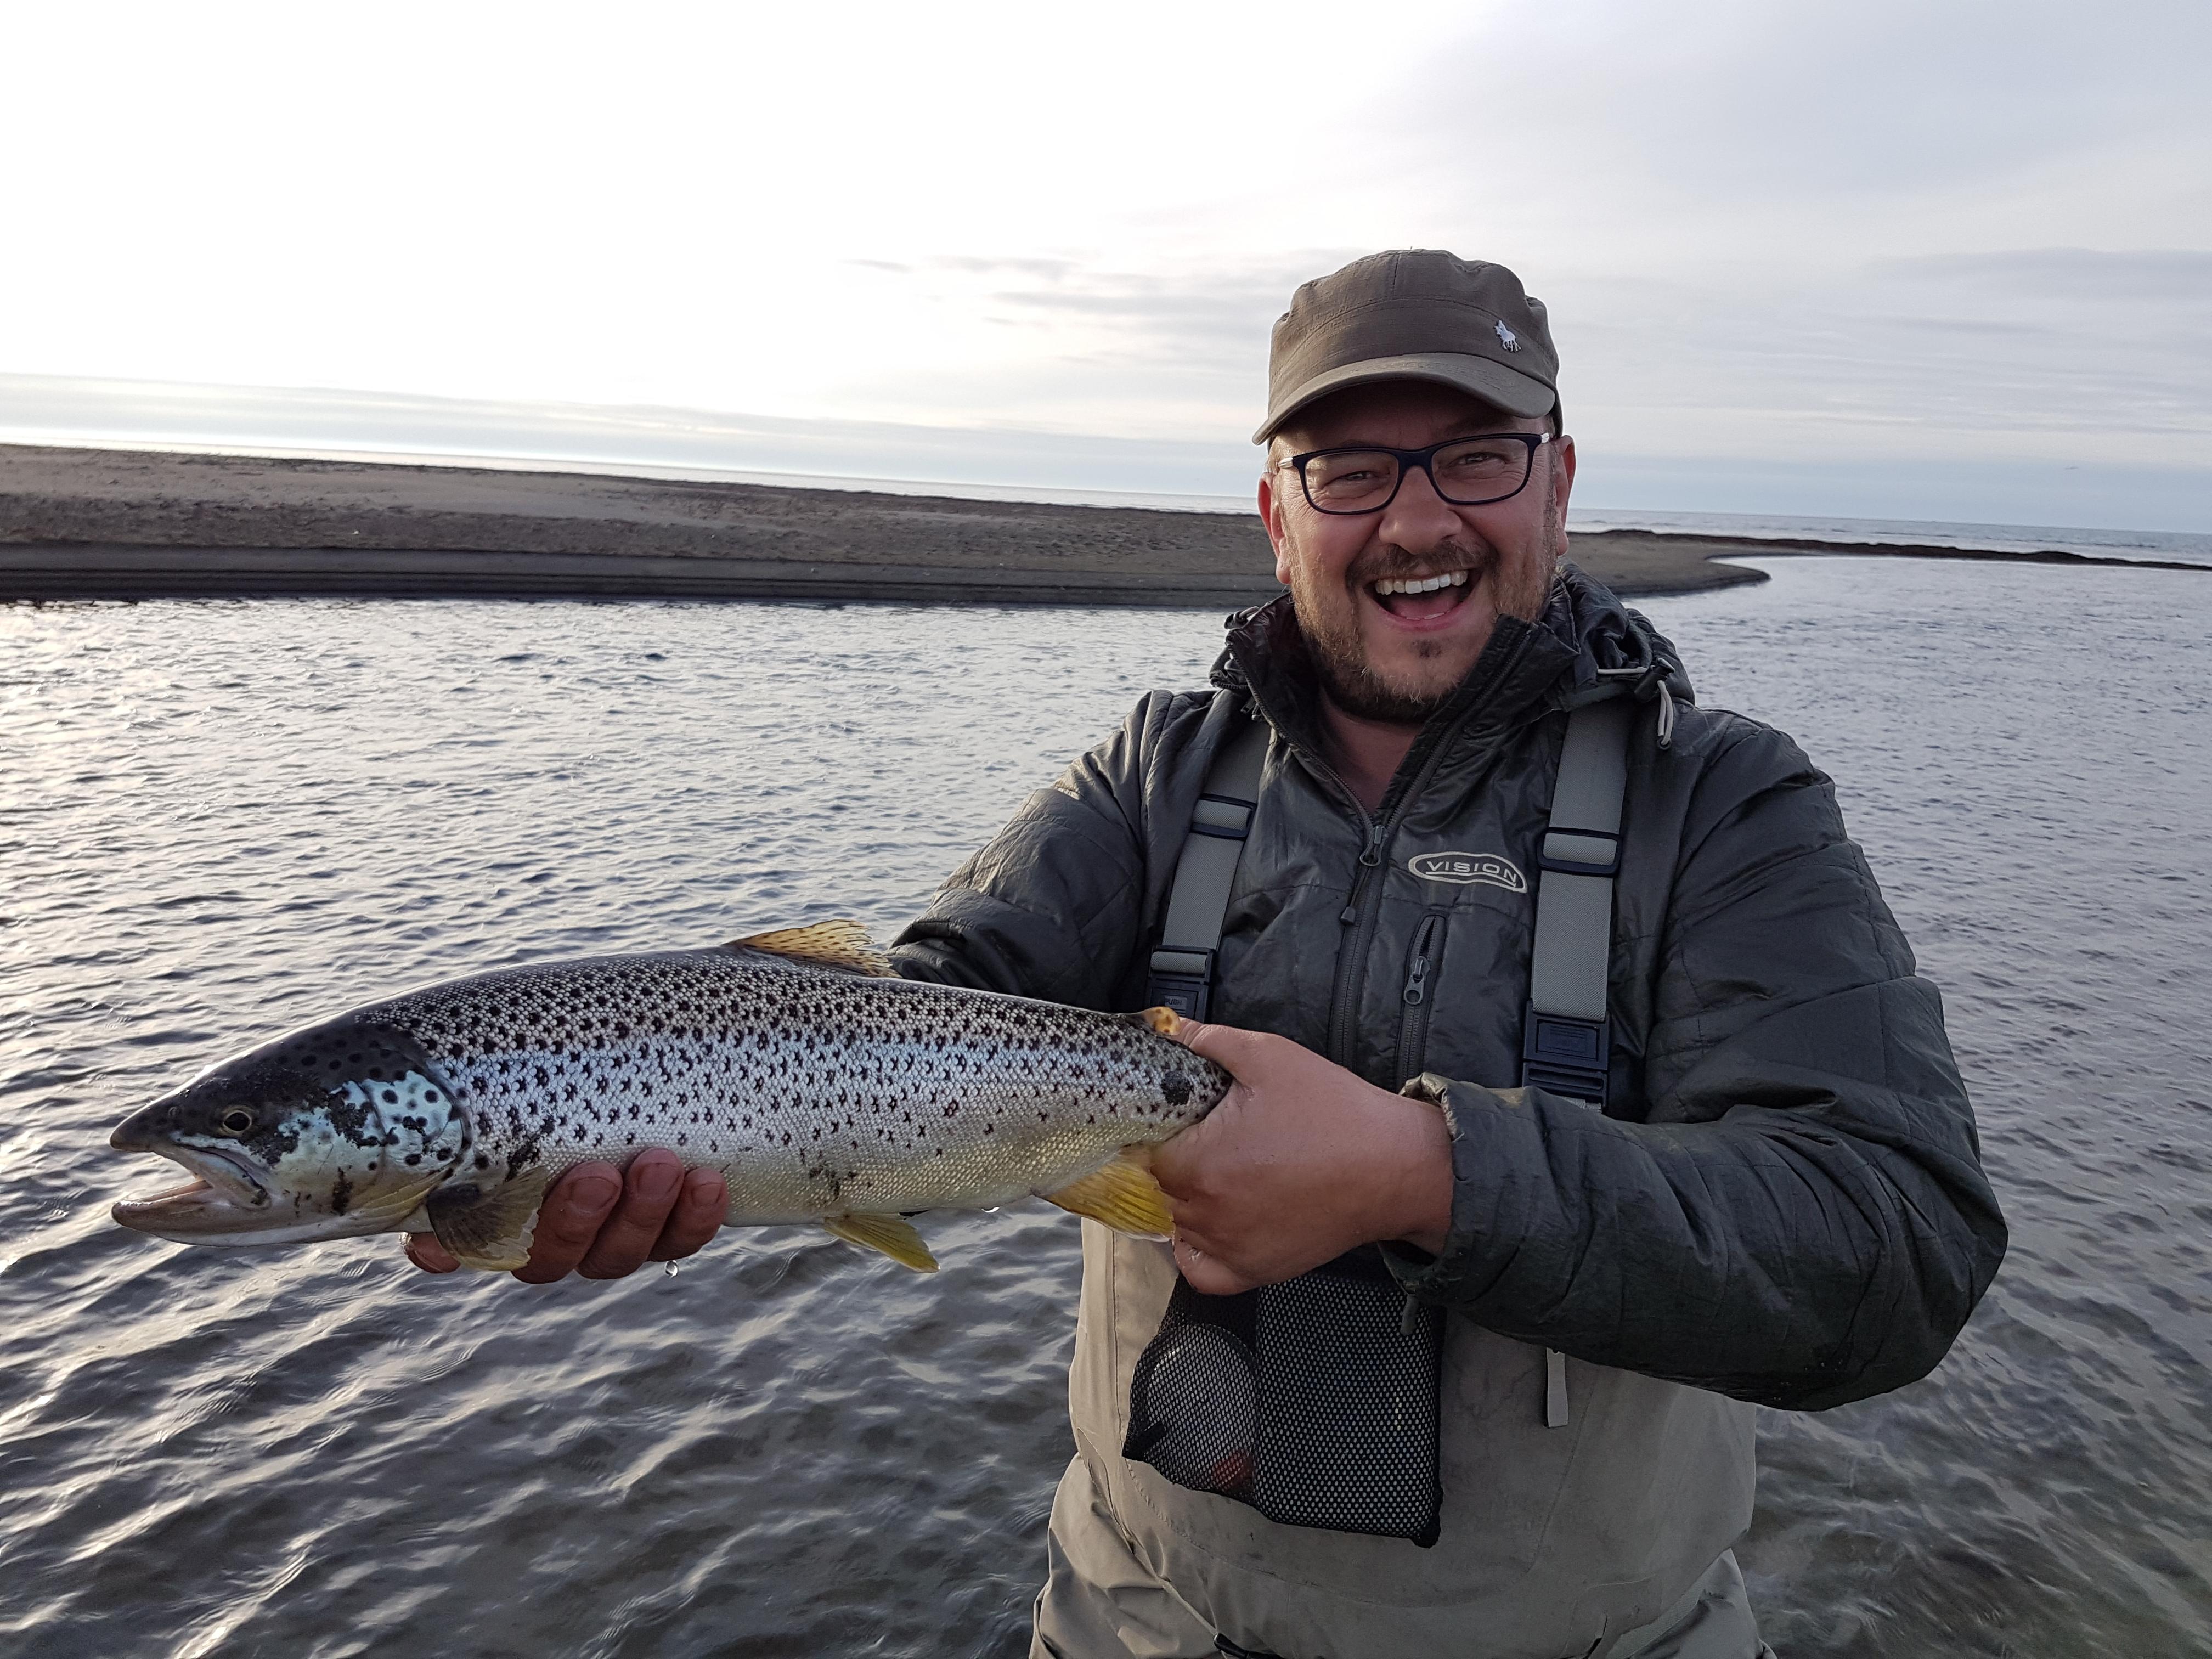 Lonsa River, Iceland, Fly Fishing, Aardvark McLeod, Lónsá